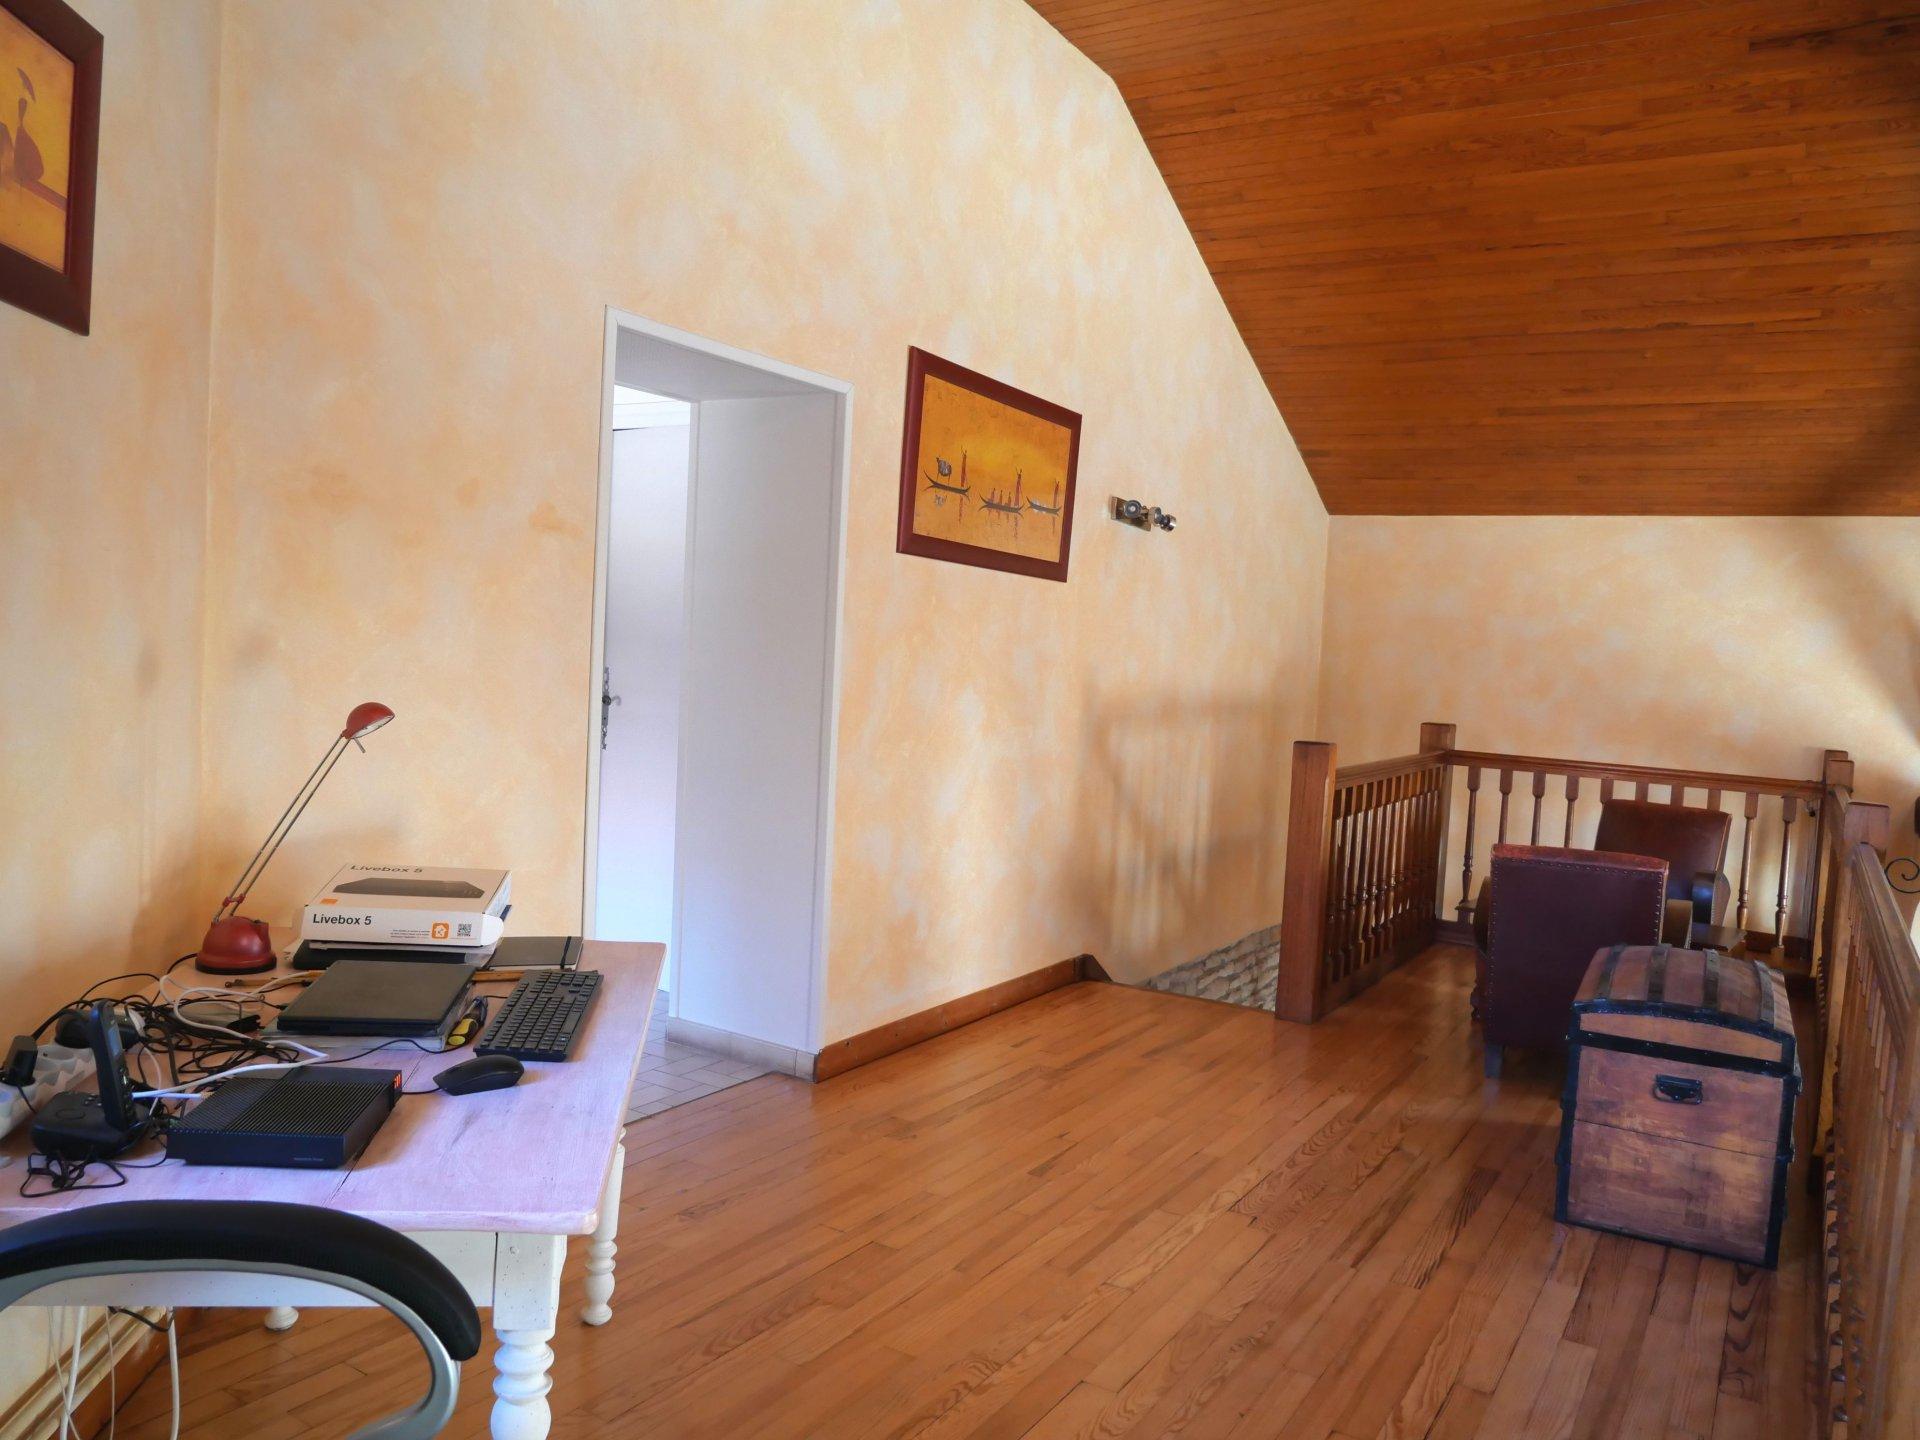 SOUS COMPROMIS  Saint Gengoux de Scissé, située dans un petit hameau au calme, venez découvrir le charme de cette très belle maison en pierre de 165 m². Elle dispose d'une spacieuse pièce de vie avec sa cheminée, d'une cuisine équipée, d'une arrière cuisine avec son cellier et un toilette. Le coin nuit offre trois grandes chambres, une salle de bains (douche et baignoire), un toilette, une vaste de mezzanine, grenier aménageable de 50 m².  Des dépendances complètent ce bien: une maison d'amie de 50 m², un atelier, un grand garage et un caveau Le tout est implanté sur un terrain de 660 m². Coup de c?ur assuré!  Honoraires à la charge du vendeur.